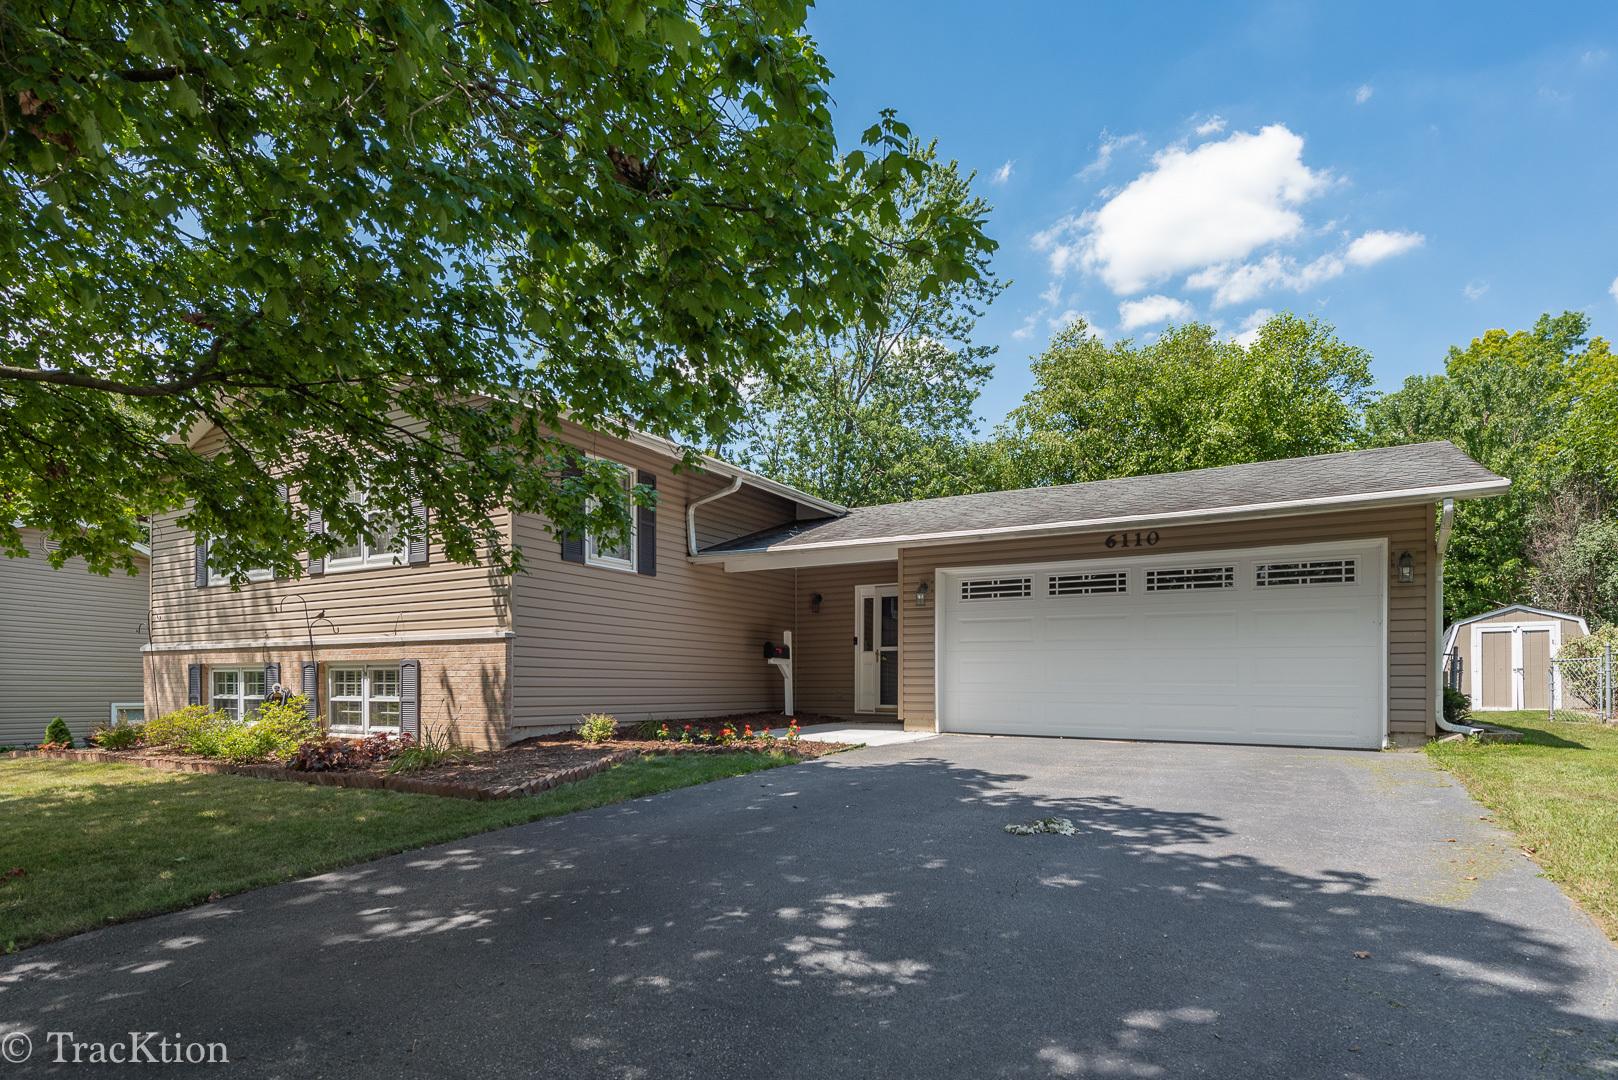 6110 Green Drive, Woodridge IL 60517